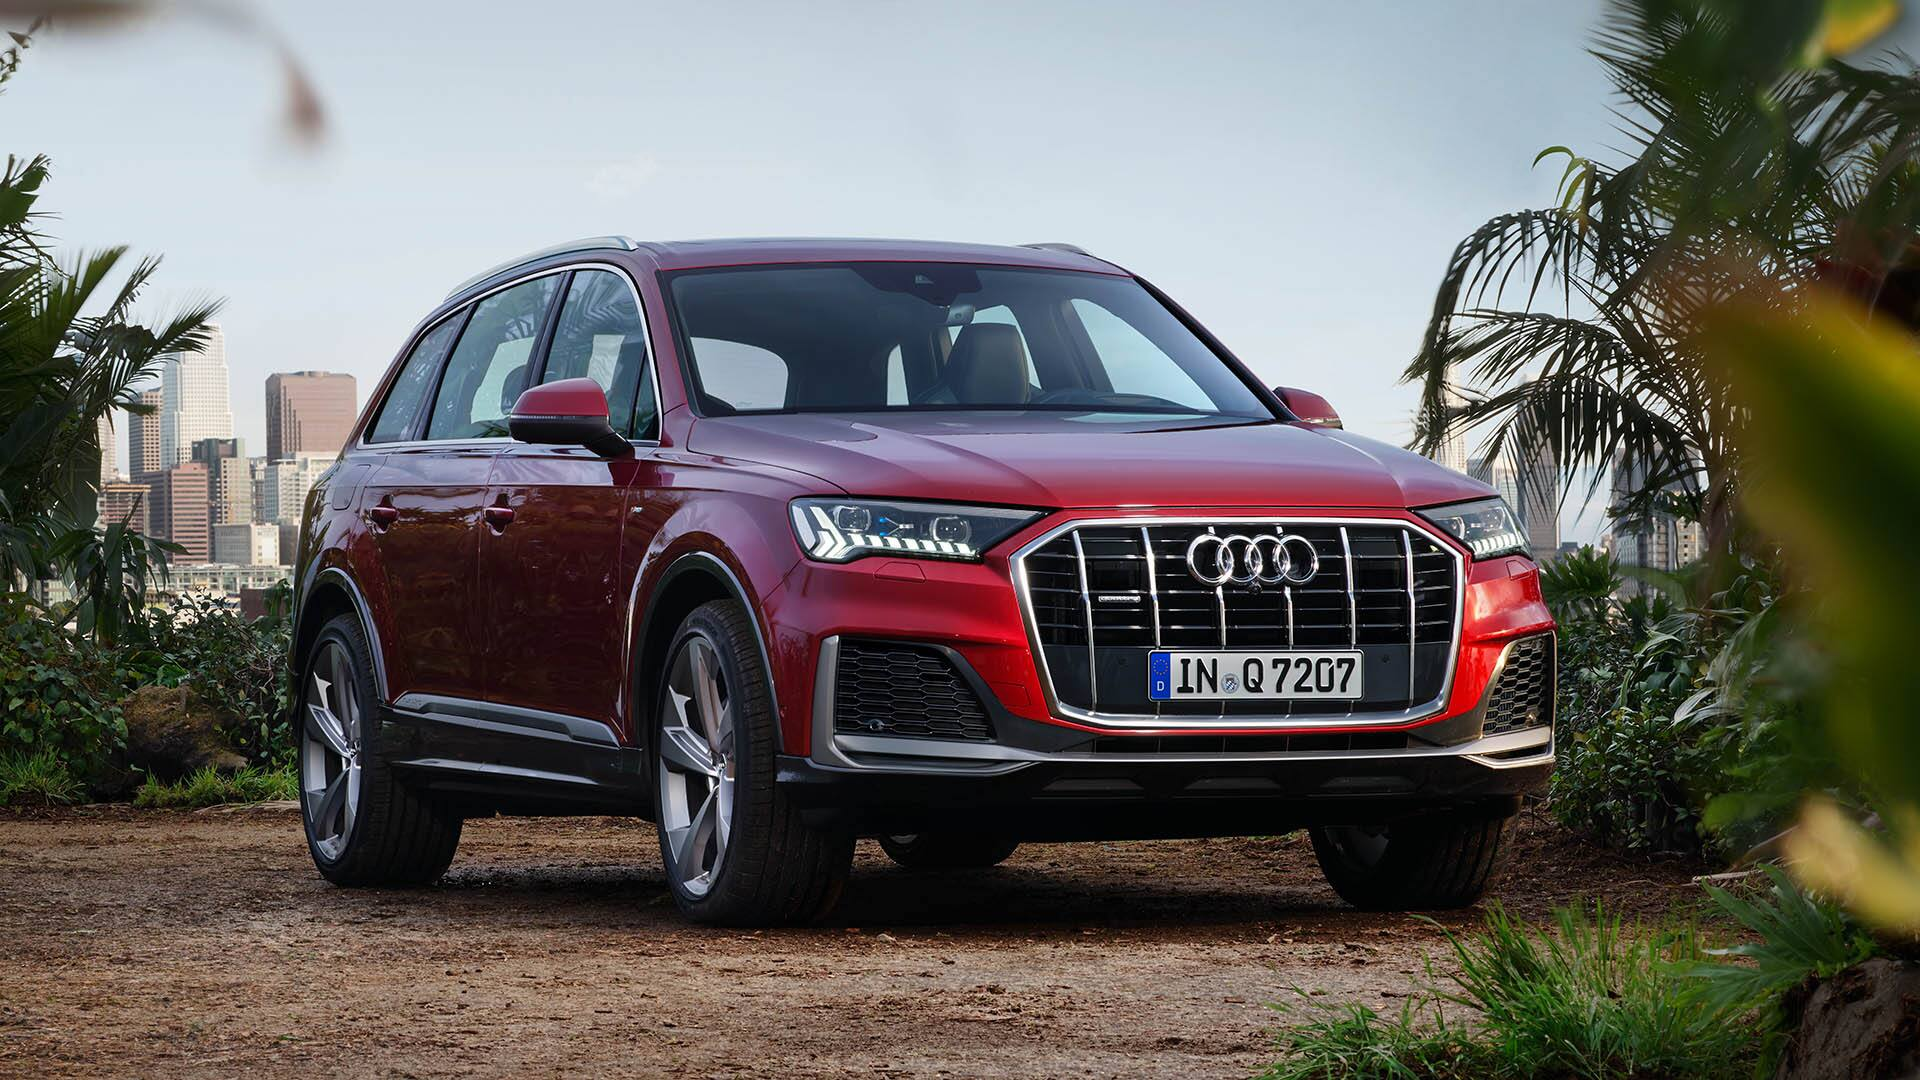 Front view Audi Q7